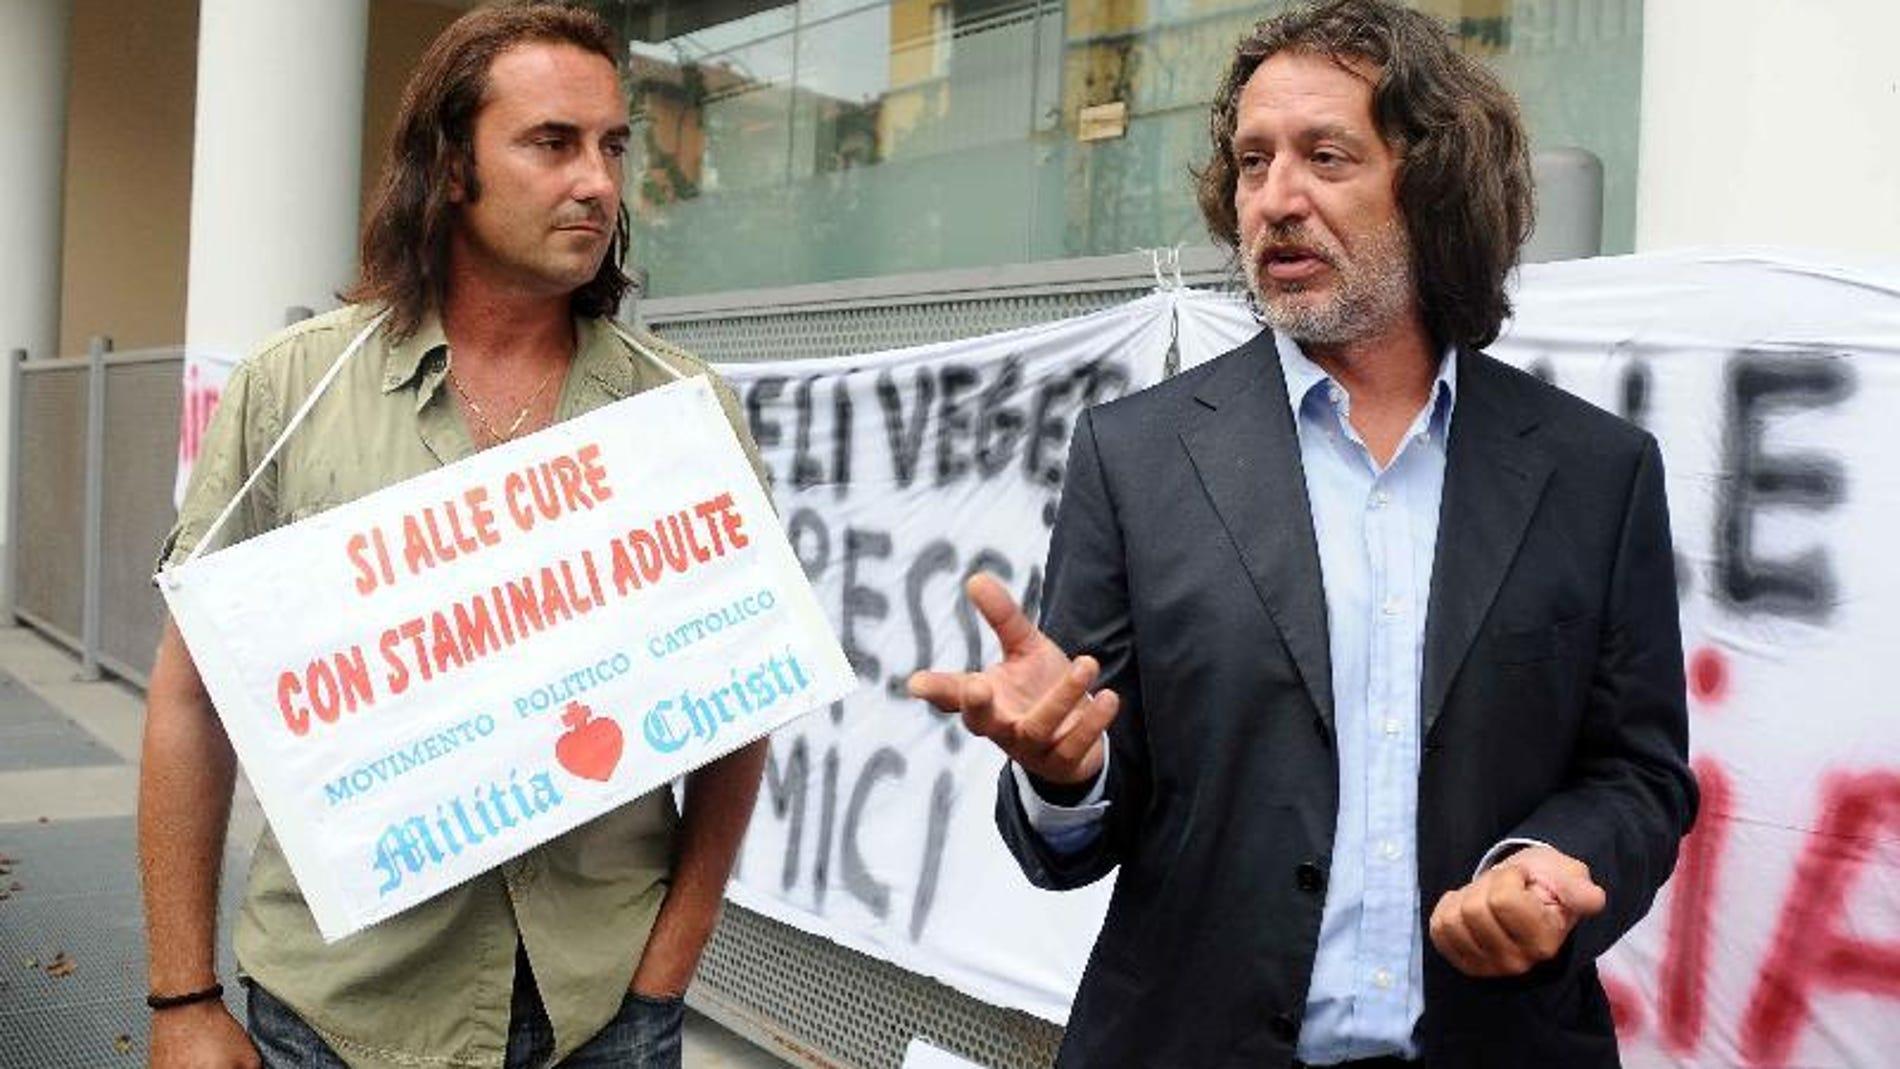 Davide Vannoni haciendo campaña para su proyecto